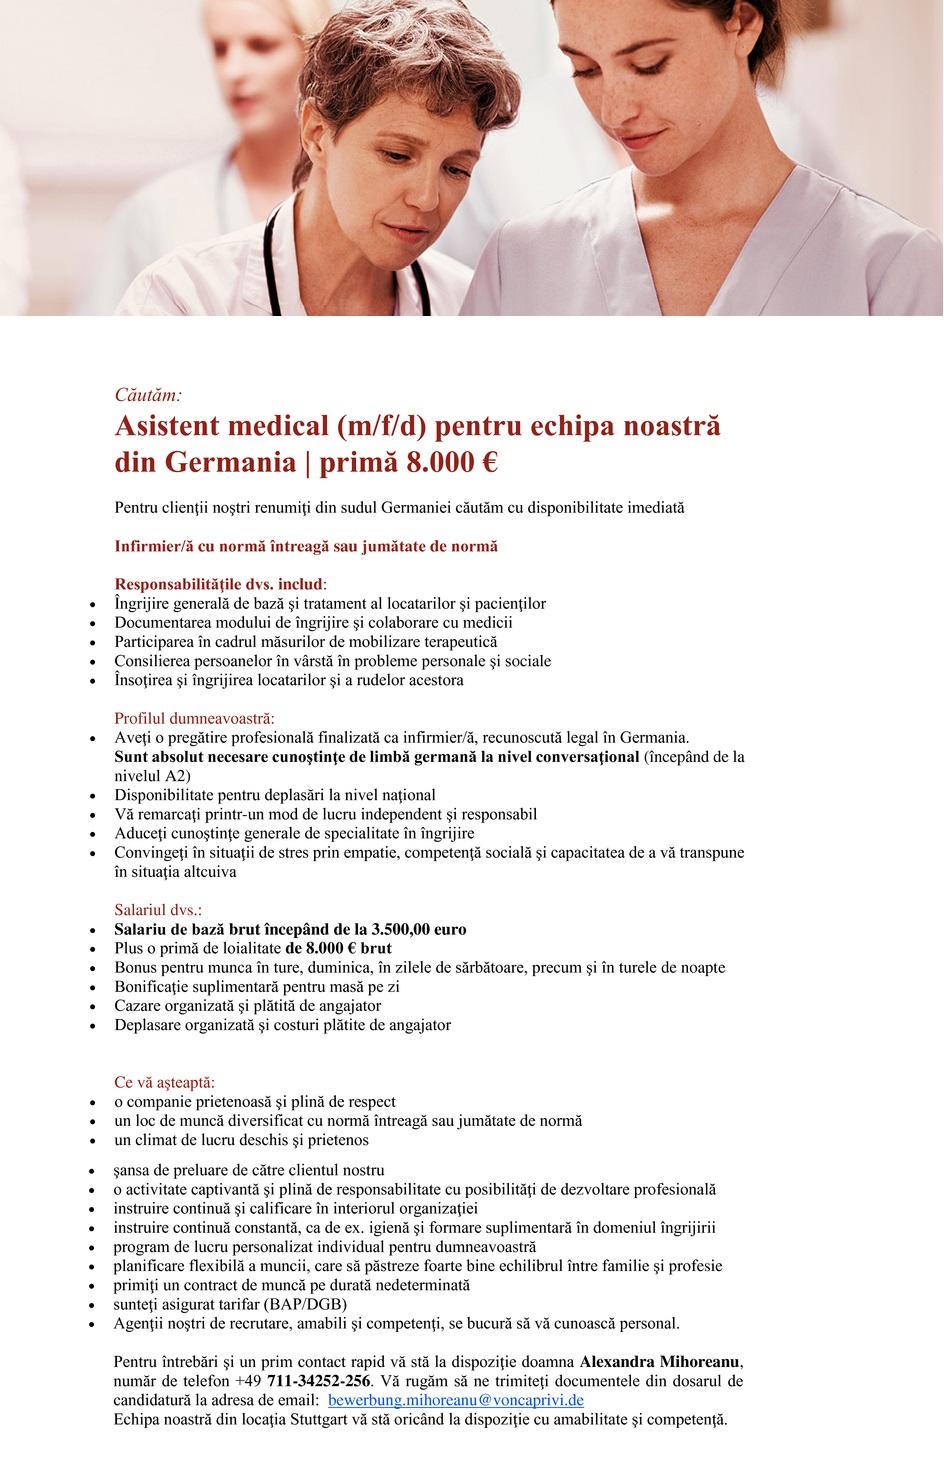 asistent/ă medical/ă pentru echipa noastră din sudul Germaniei | primă 7.500 € Pentru clienţii noştri renumiţi din sudul Germaniei căutăm cu disponibilitate imediată Asistent/ă medical/ă cu normă întreagă sau jumătate de normă Responsabilităţile dvs. includ: - Îngrijire generală de bază şi tratament al locatarilor şi pacienţilor - Documentarea modului de îngrijire şi colaborare cu medicii - Participarea în cadrul măsurilor de mobilizare terapeutică - Consilierea persoanelor în vârstă în probleme personale şi sociale - Însoţirea şi îngrijirea locatarilor şi a rudelor acestora Profilul dumneavoastră: - Aveţi o pregătire profesională finalizată ca asistent/ă medical/ă, recunoscută legal în Germania. Sunt absolut necesare cunoştinţe de limbă germană la nivel conversaţional (începând de la nivelul A2) - Disponibilitate pentru deplasări la nivel naţional - Vă remarcaţi printr-un mod de lucru independent şi responsabil - Aduceţi cunoştinţe generale de specialitate în îngrijire - Convingeţi în situaţii de stres prin empatie, competenţă socială şi capacitatea de a vă transpune în situaţia altcuiva Salariul dvs.: - Salariu de bază începând de la 3.000,00 euro brut - Plus o primă de loialitate de 7.500 € brut - Bonus pentru munca în ture, duminica, în zilele de sărbătoare, precum şi în turele de noapte - Bonificaţie suplimentară pentru masă pe zi - Cazare organizată şi plătită de angajator - Deplasare organizată şi costuri plătite de angajator Ce vă aşteaptă: - o companie prietenoasă şi plină de respect - un loc de muncă diversificat cu normă întreagă sau jumătate de normă - un climat de lucru deschis şi prietenos - şansa de preluare de către clientul nostru - o activitate captivantă şi plină de responsabilitate cu posibilităţi de dezvoltare profesională - instruire continuă şi calificare în interiorul organizaţiei - instruire continuă constantă, ca de ex. igienă şi formare suplimentară în domeniul îngrijirii - program de lucru personalizat individual pentru dumneavoastră - pl